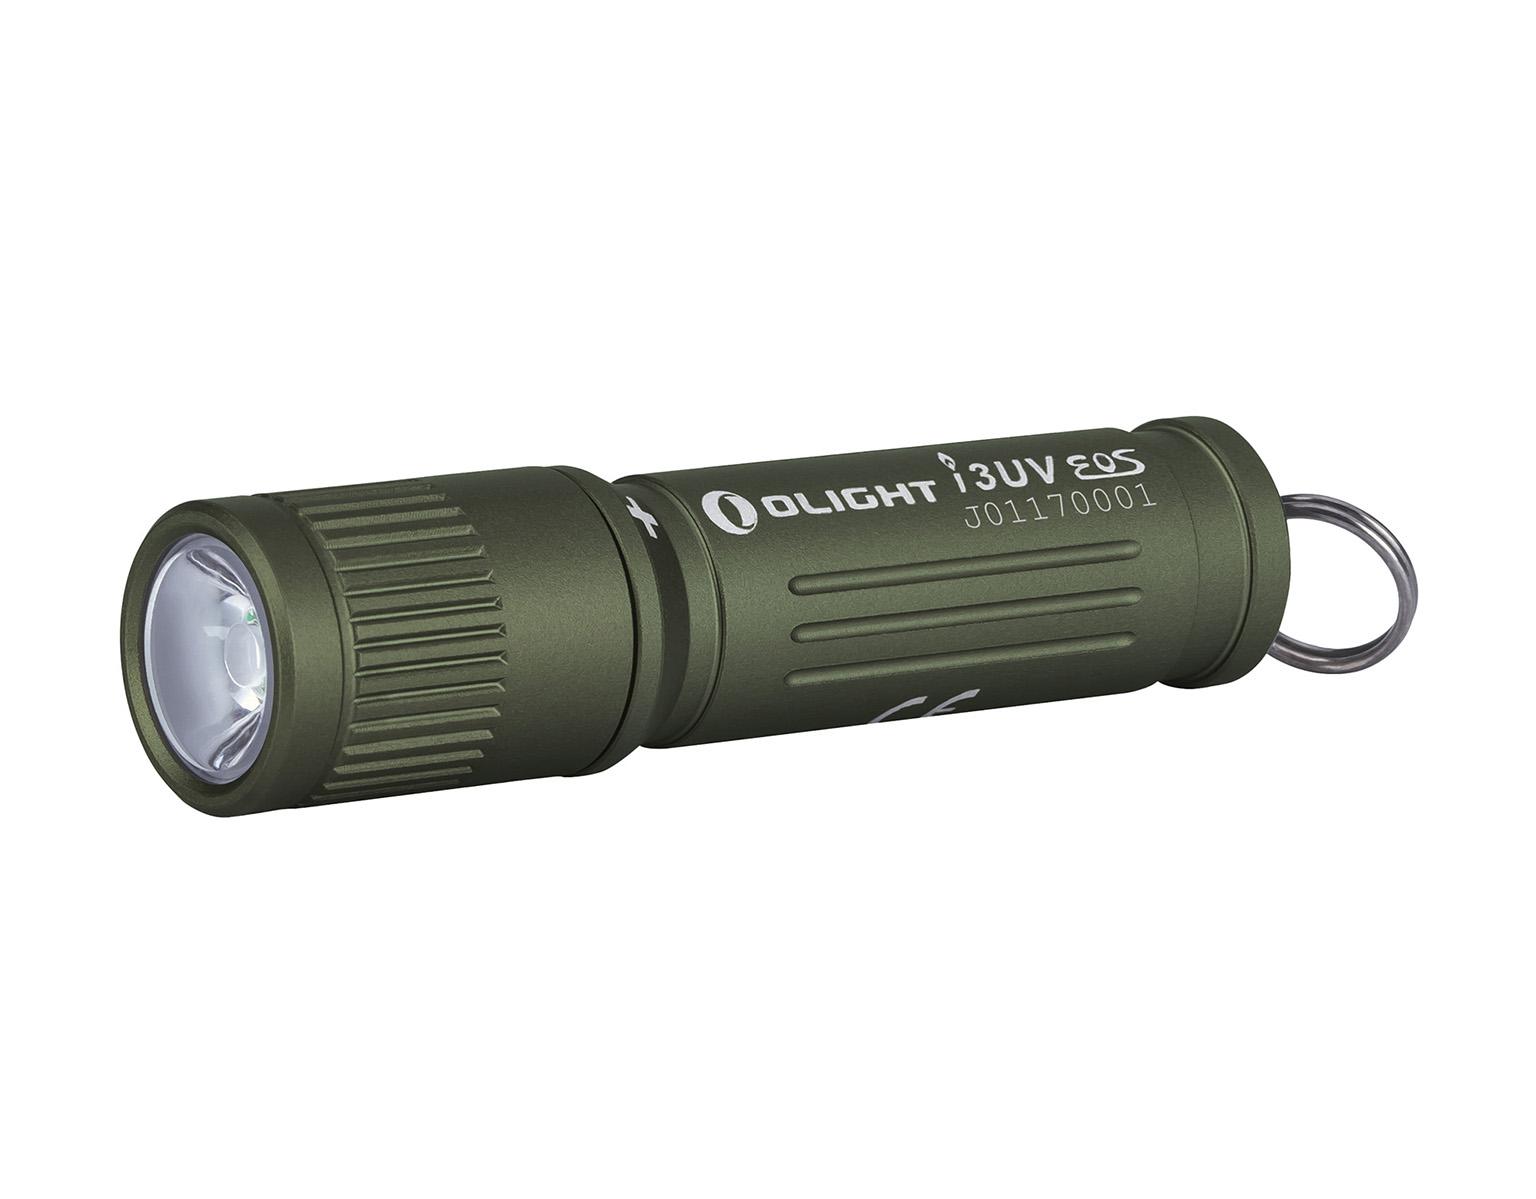 Olight I3UV EOS Limited Edition